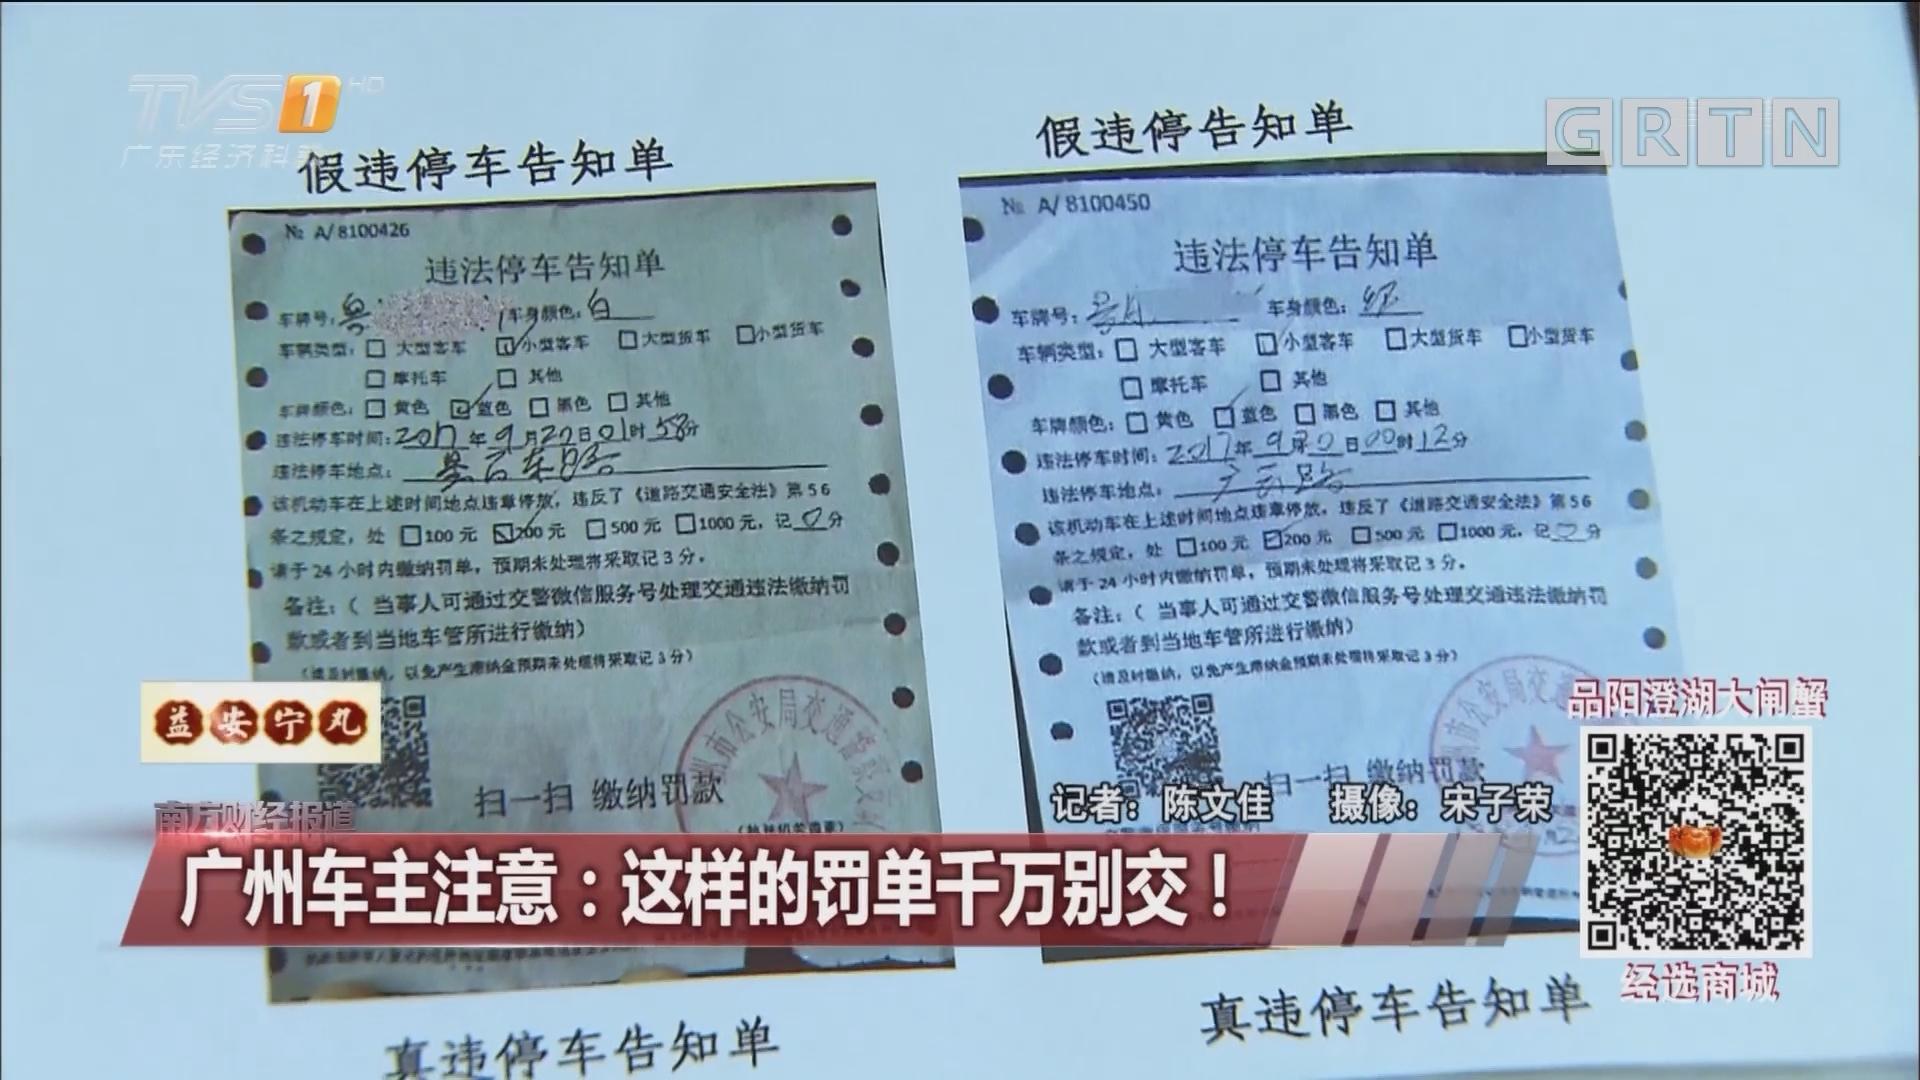 广州车主注意:这样的罚单千万别交!